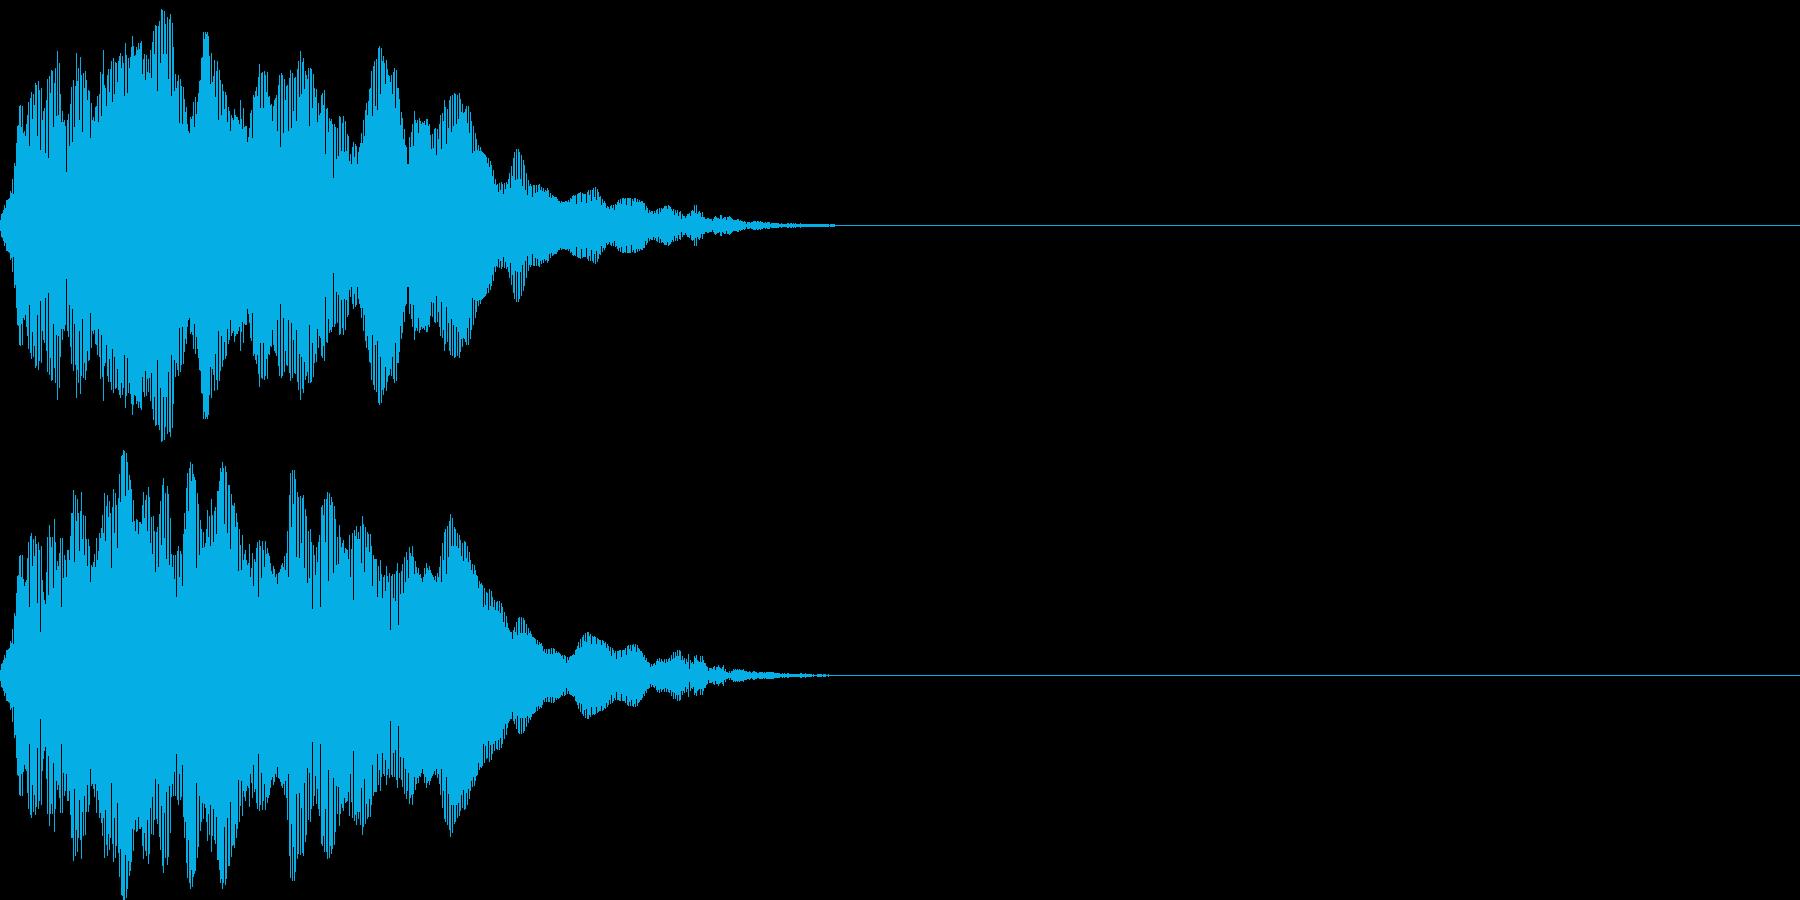 ニャ〜にゃおん!猫の鳴き声 効果音04の再生済みの波形